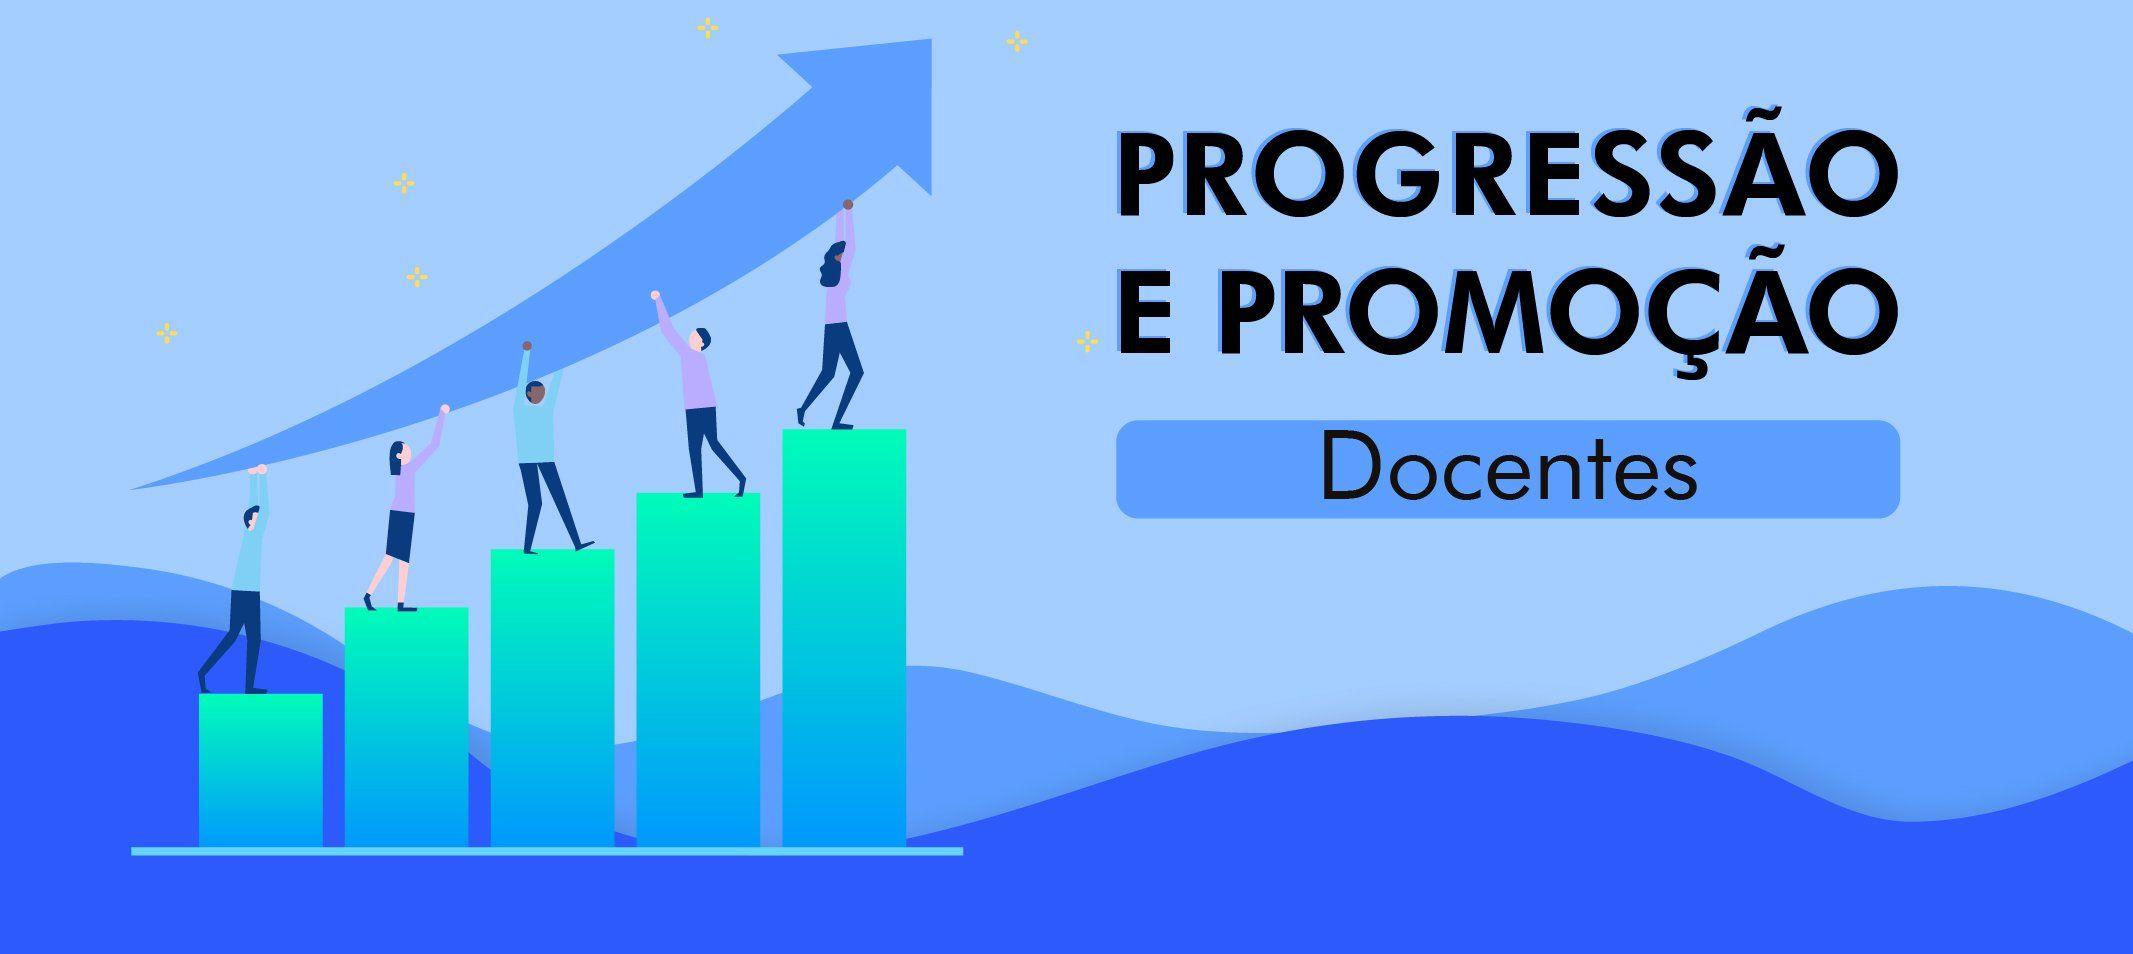 Entra em vigor nova resolução sobre progressão e promoção docente da Ufam